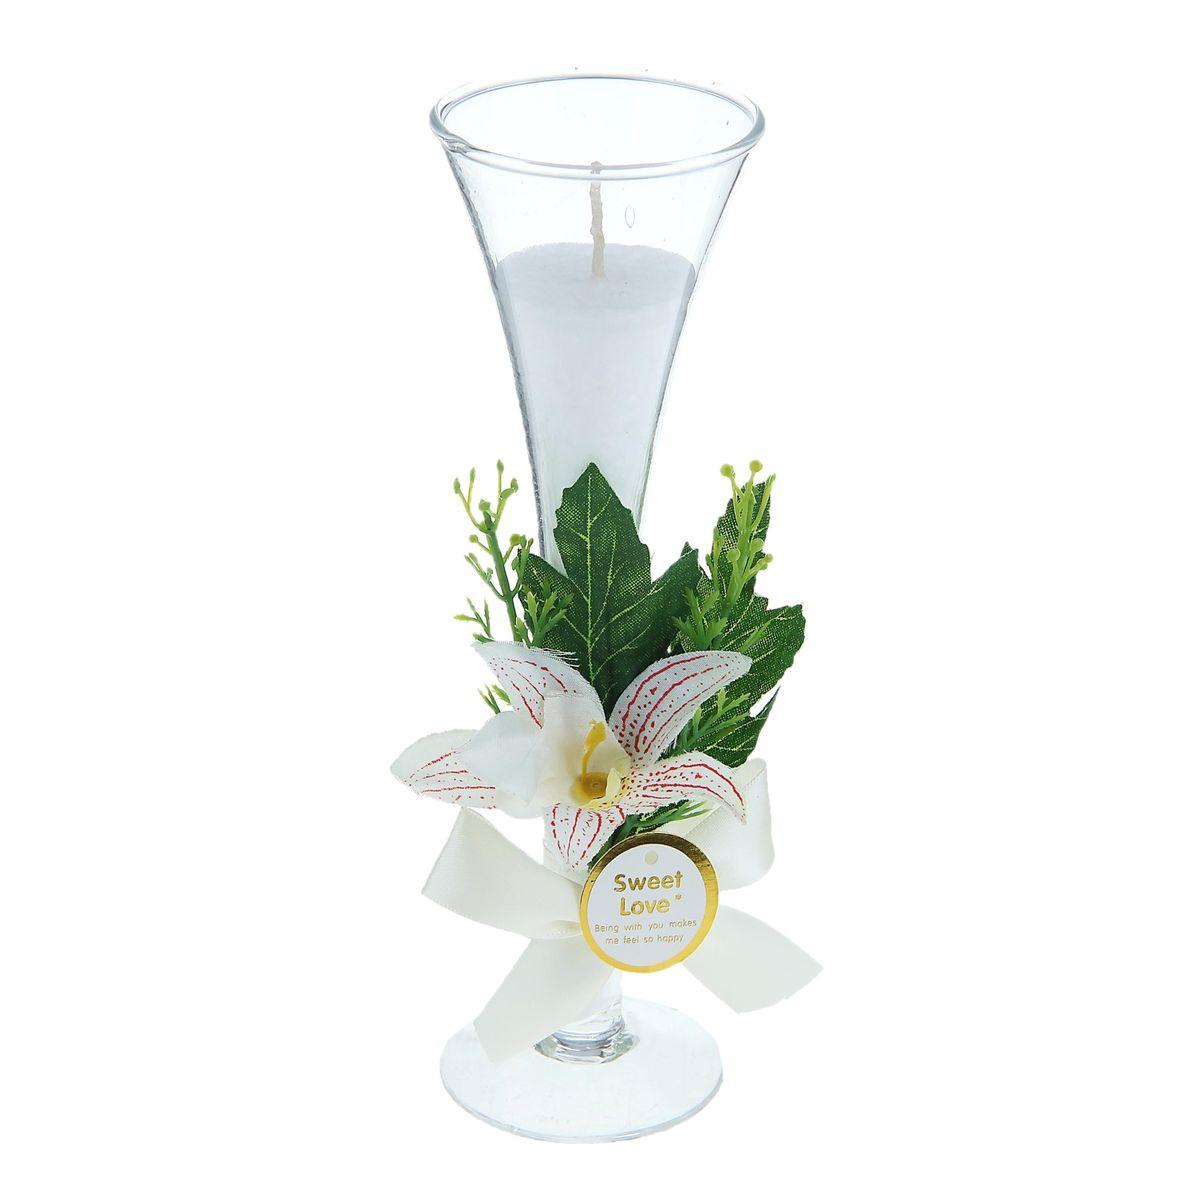 Свеча Sima-land Орхидея, цвет: белый, высота 20,5 см1030862Декоративная свеча Sima-land Орхидея в стеклянном бокале на тонкой ножке станет чудесным дополнением интерьера. Изделие оформлено композицией из искусственных цветов и белой атласной лентой. Свеча - всегда желанный подарок, ее огонь дарит тепло и свет. В каждом доме ей найдется место. Декоративные свечи - это также неотъемлемый атрибут свадьбы. Они подчеркнут стиль свадьбы в оформлении банкета и создадут особую интимную, уютную атмосферу. Свадебные свечи применяются также в распространенной свадебной традиции - зажжении семейного очага.